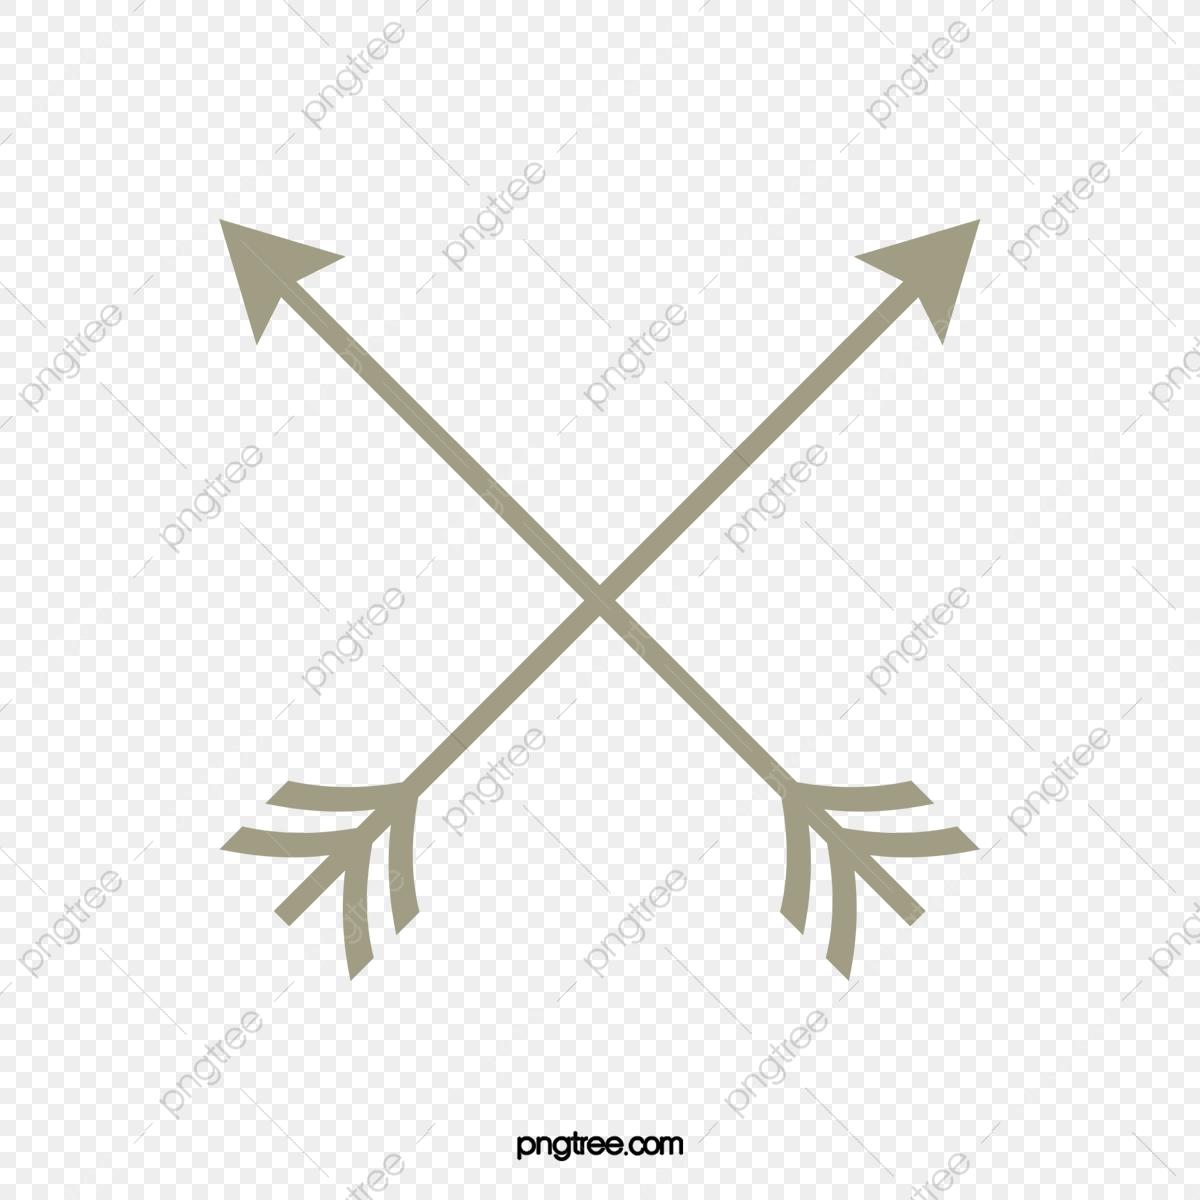 Arrow, Cartoon Arrow, Crossed Arrows, Hand Drawn Arrows PNG.